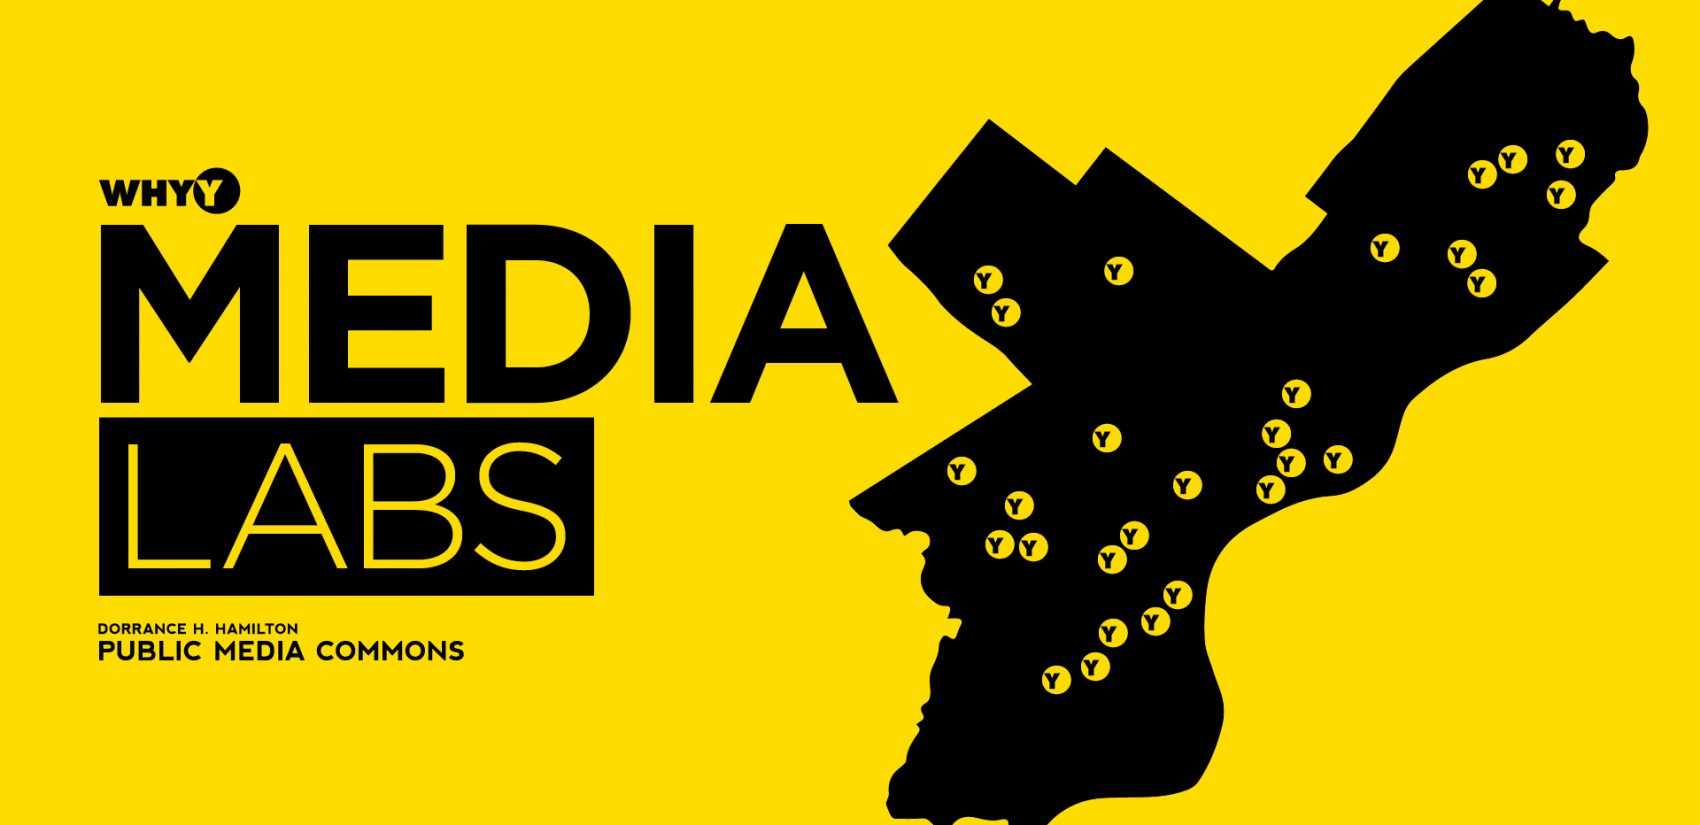 whyy media labs program - whyy